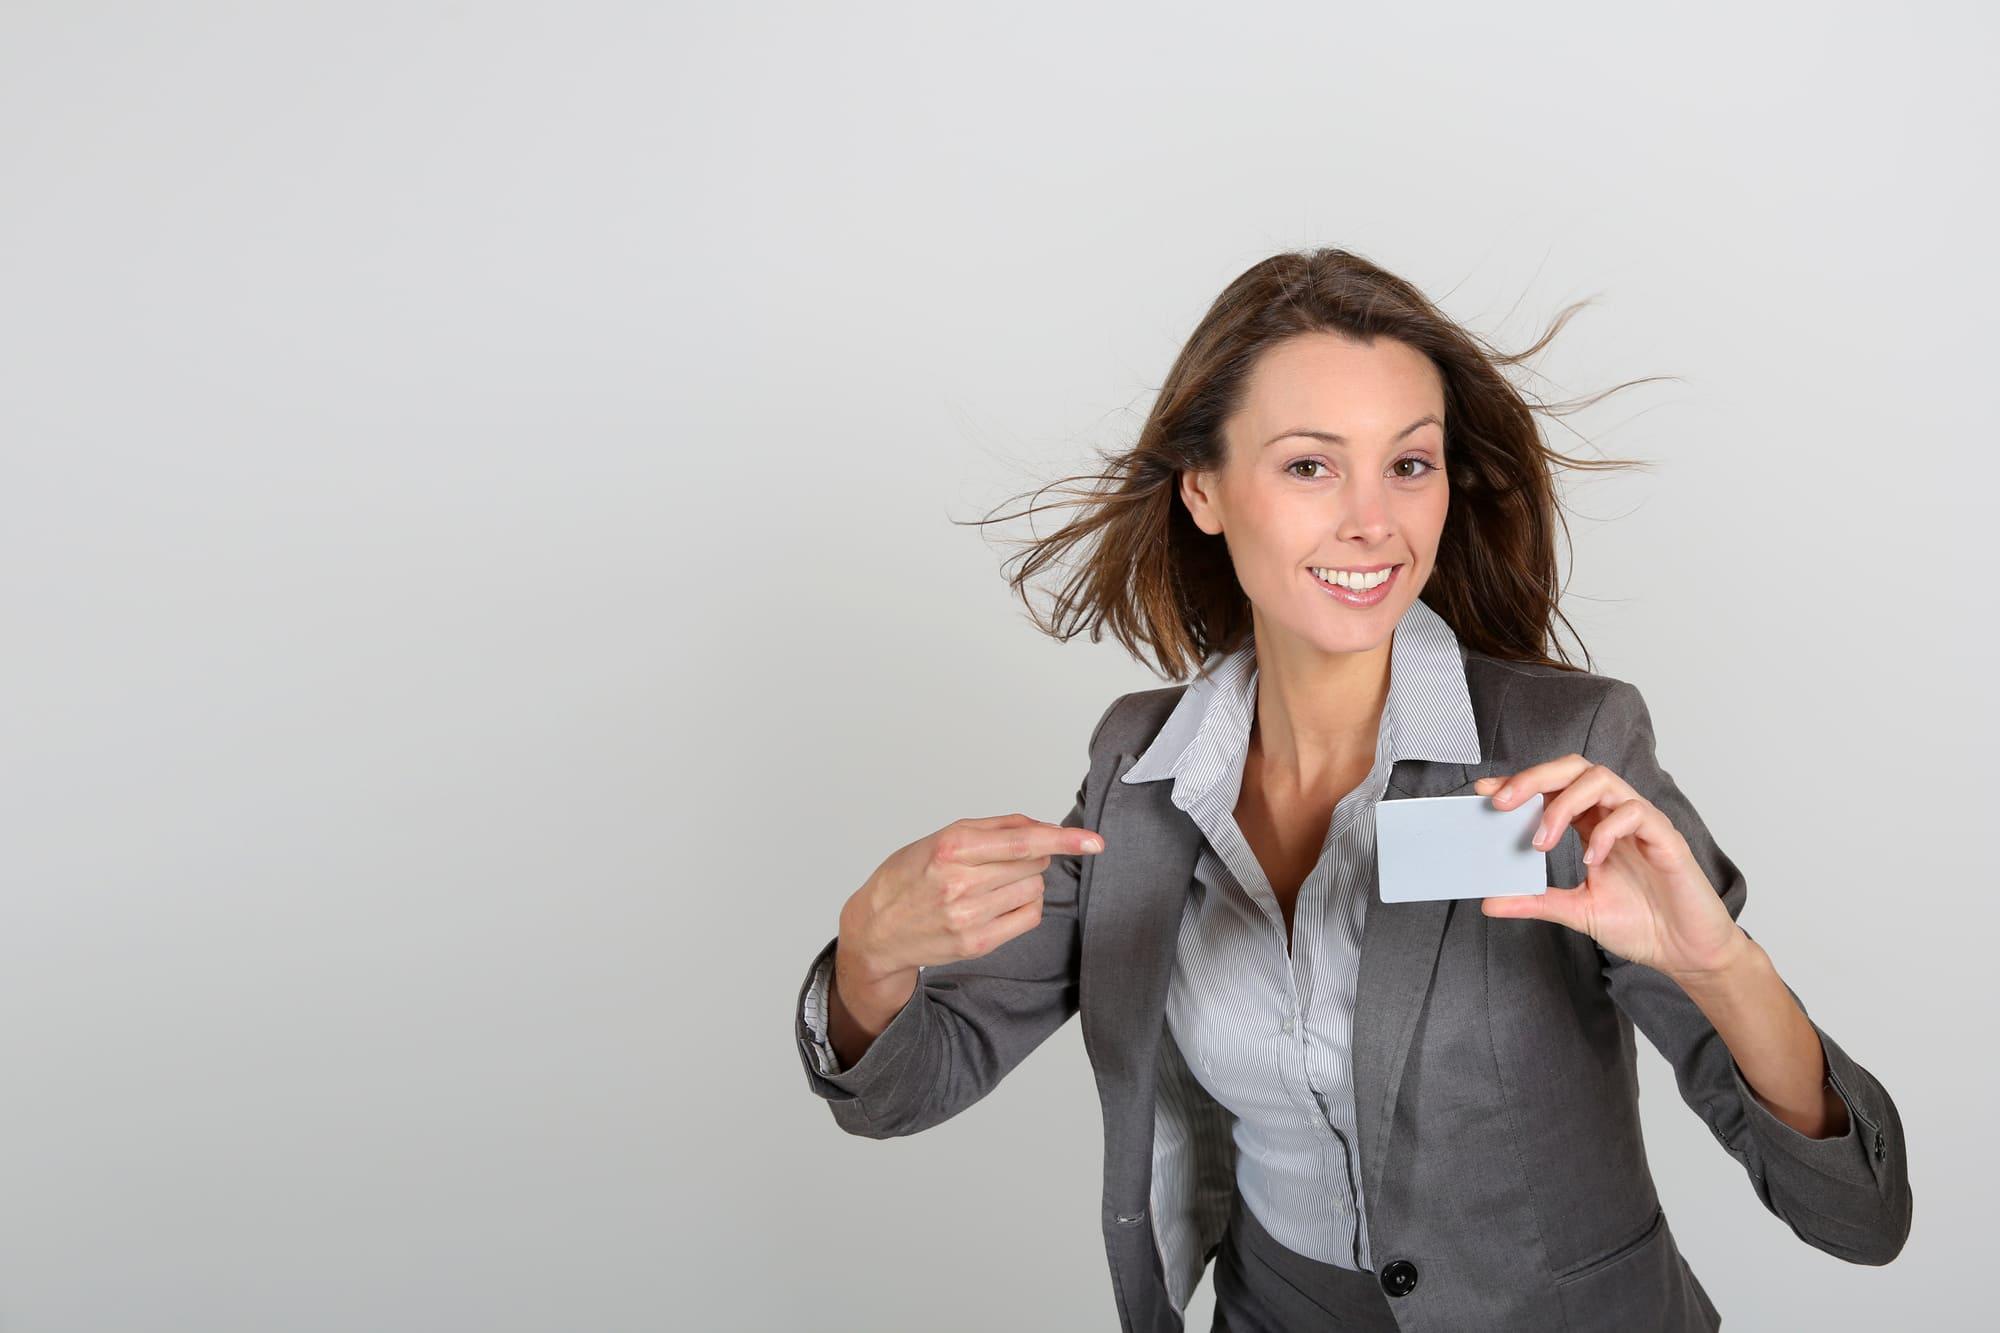 ニーズに合わせて選べる!6種類のオリコの法人カードを徹底比較